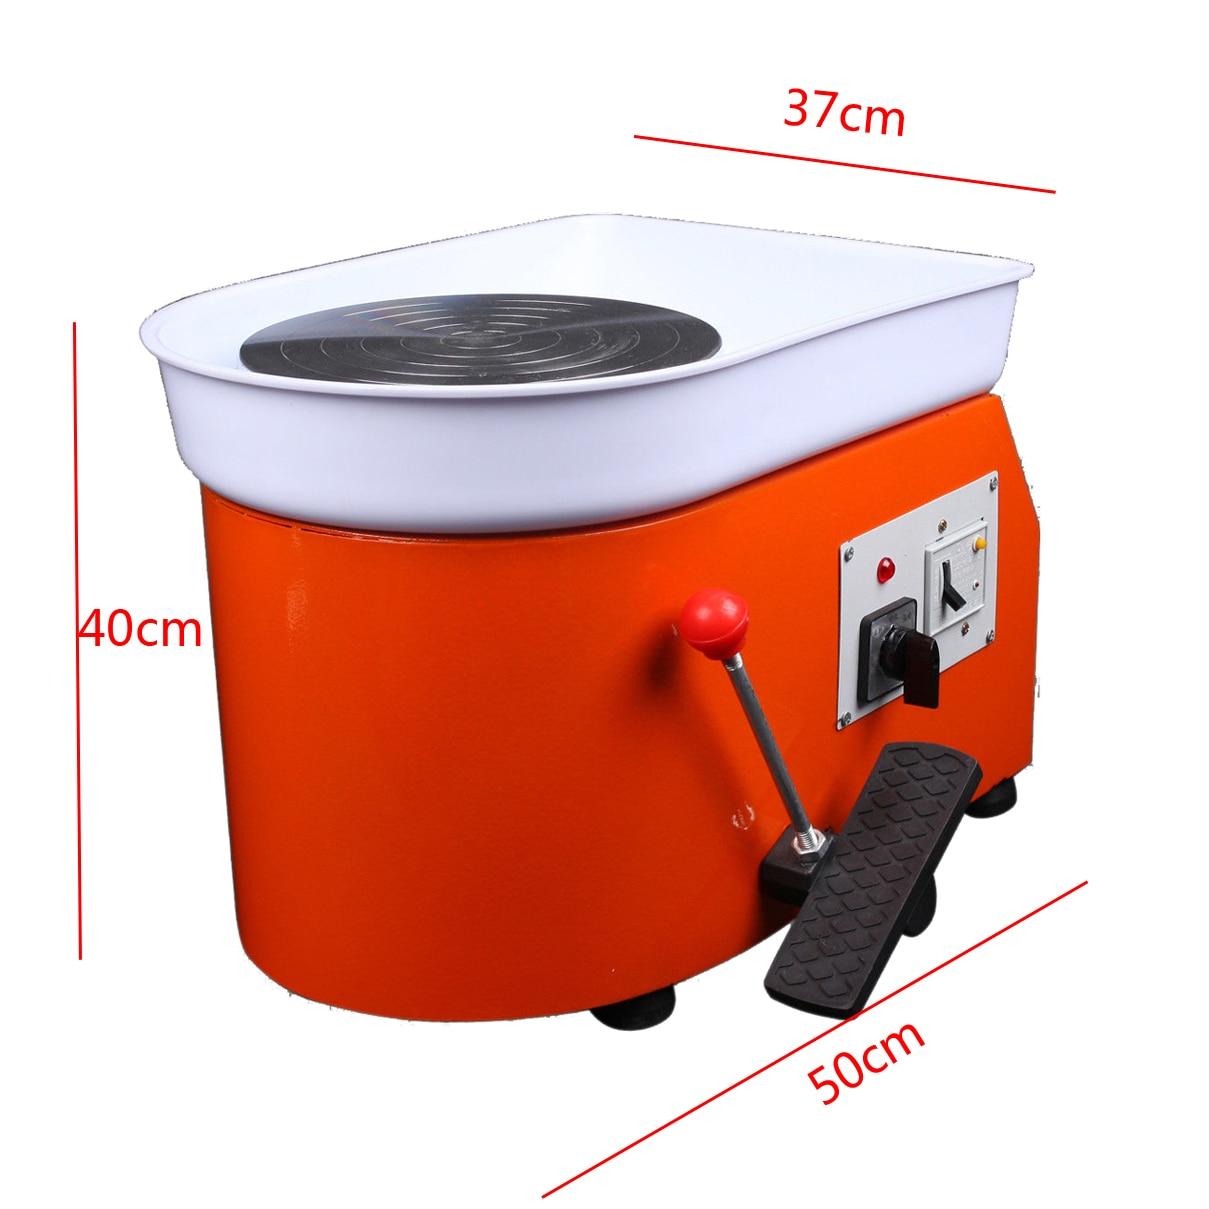 220 V 250 W poterie roue en céramique Machine pédale en céramique argile Art moule pour le travail de la céramique - 5